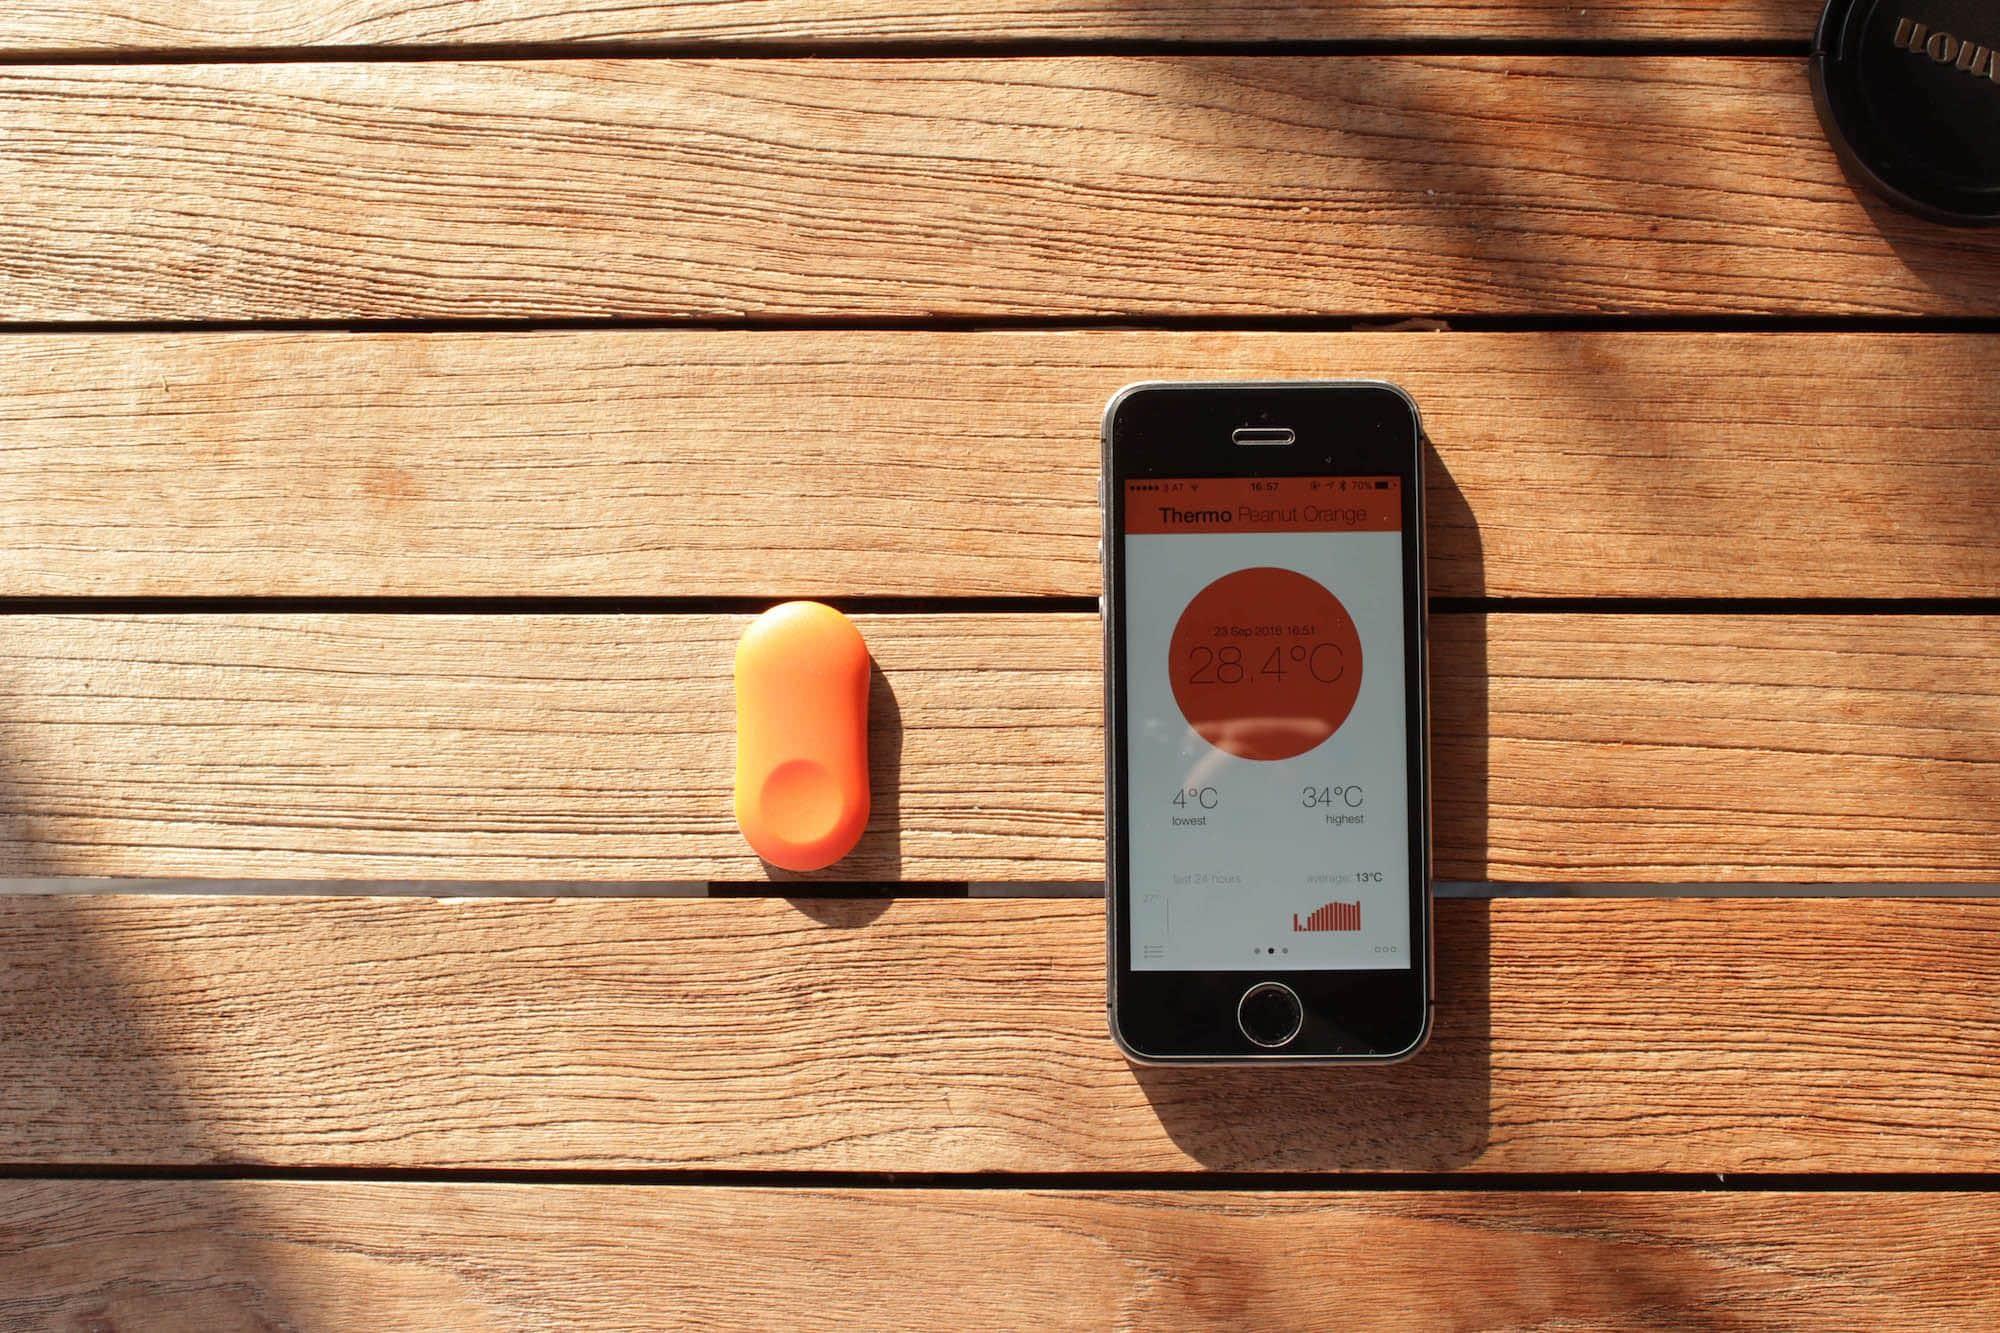 Neben einem iPhone 5s ist zu sehen, wie klein das Thermometer ist.